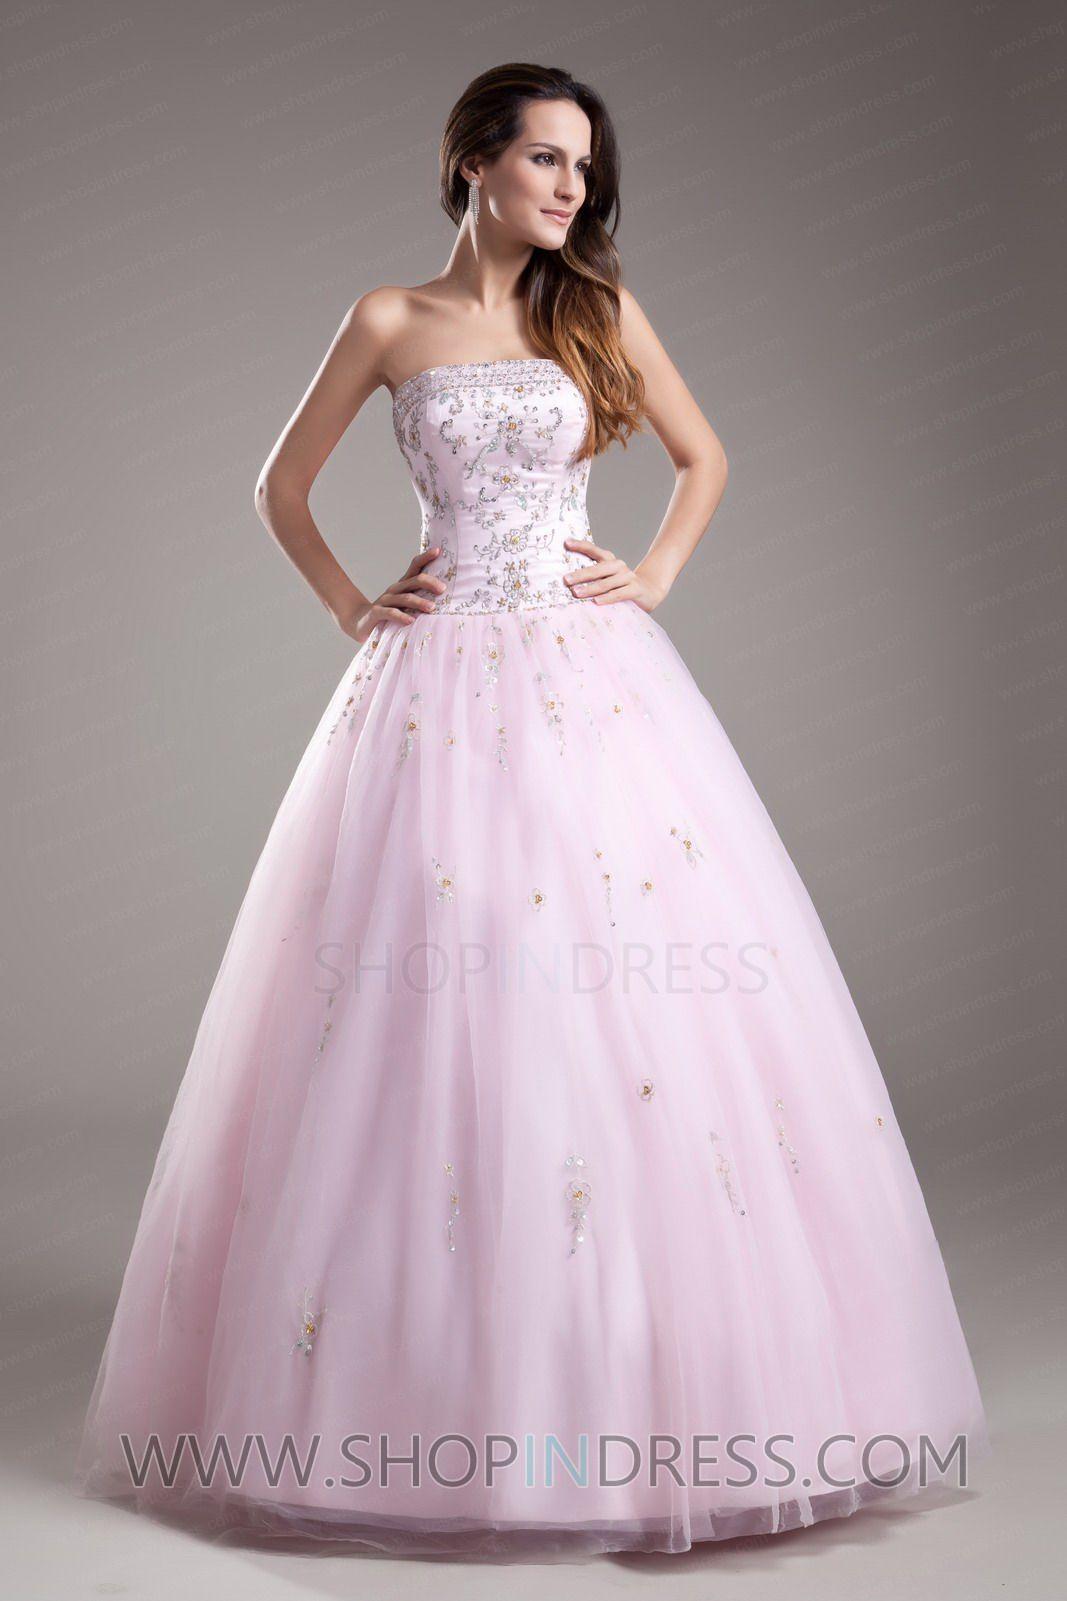 masquerade dresses | Masquerade Dresses | ShopInDress Official Blog ...